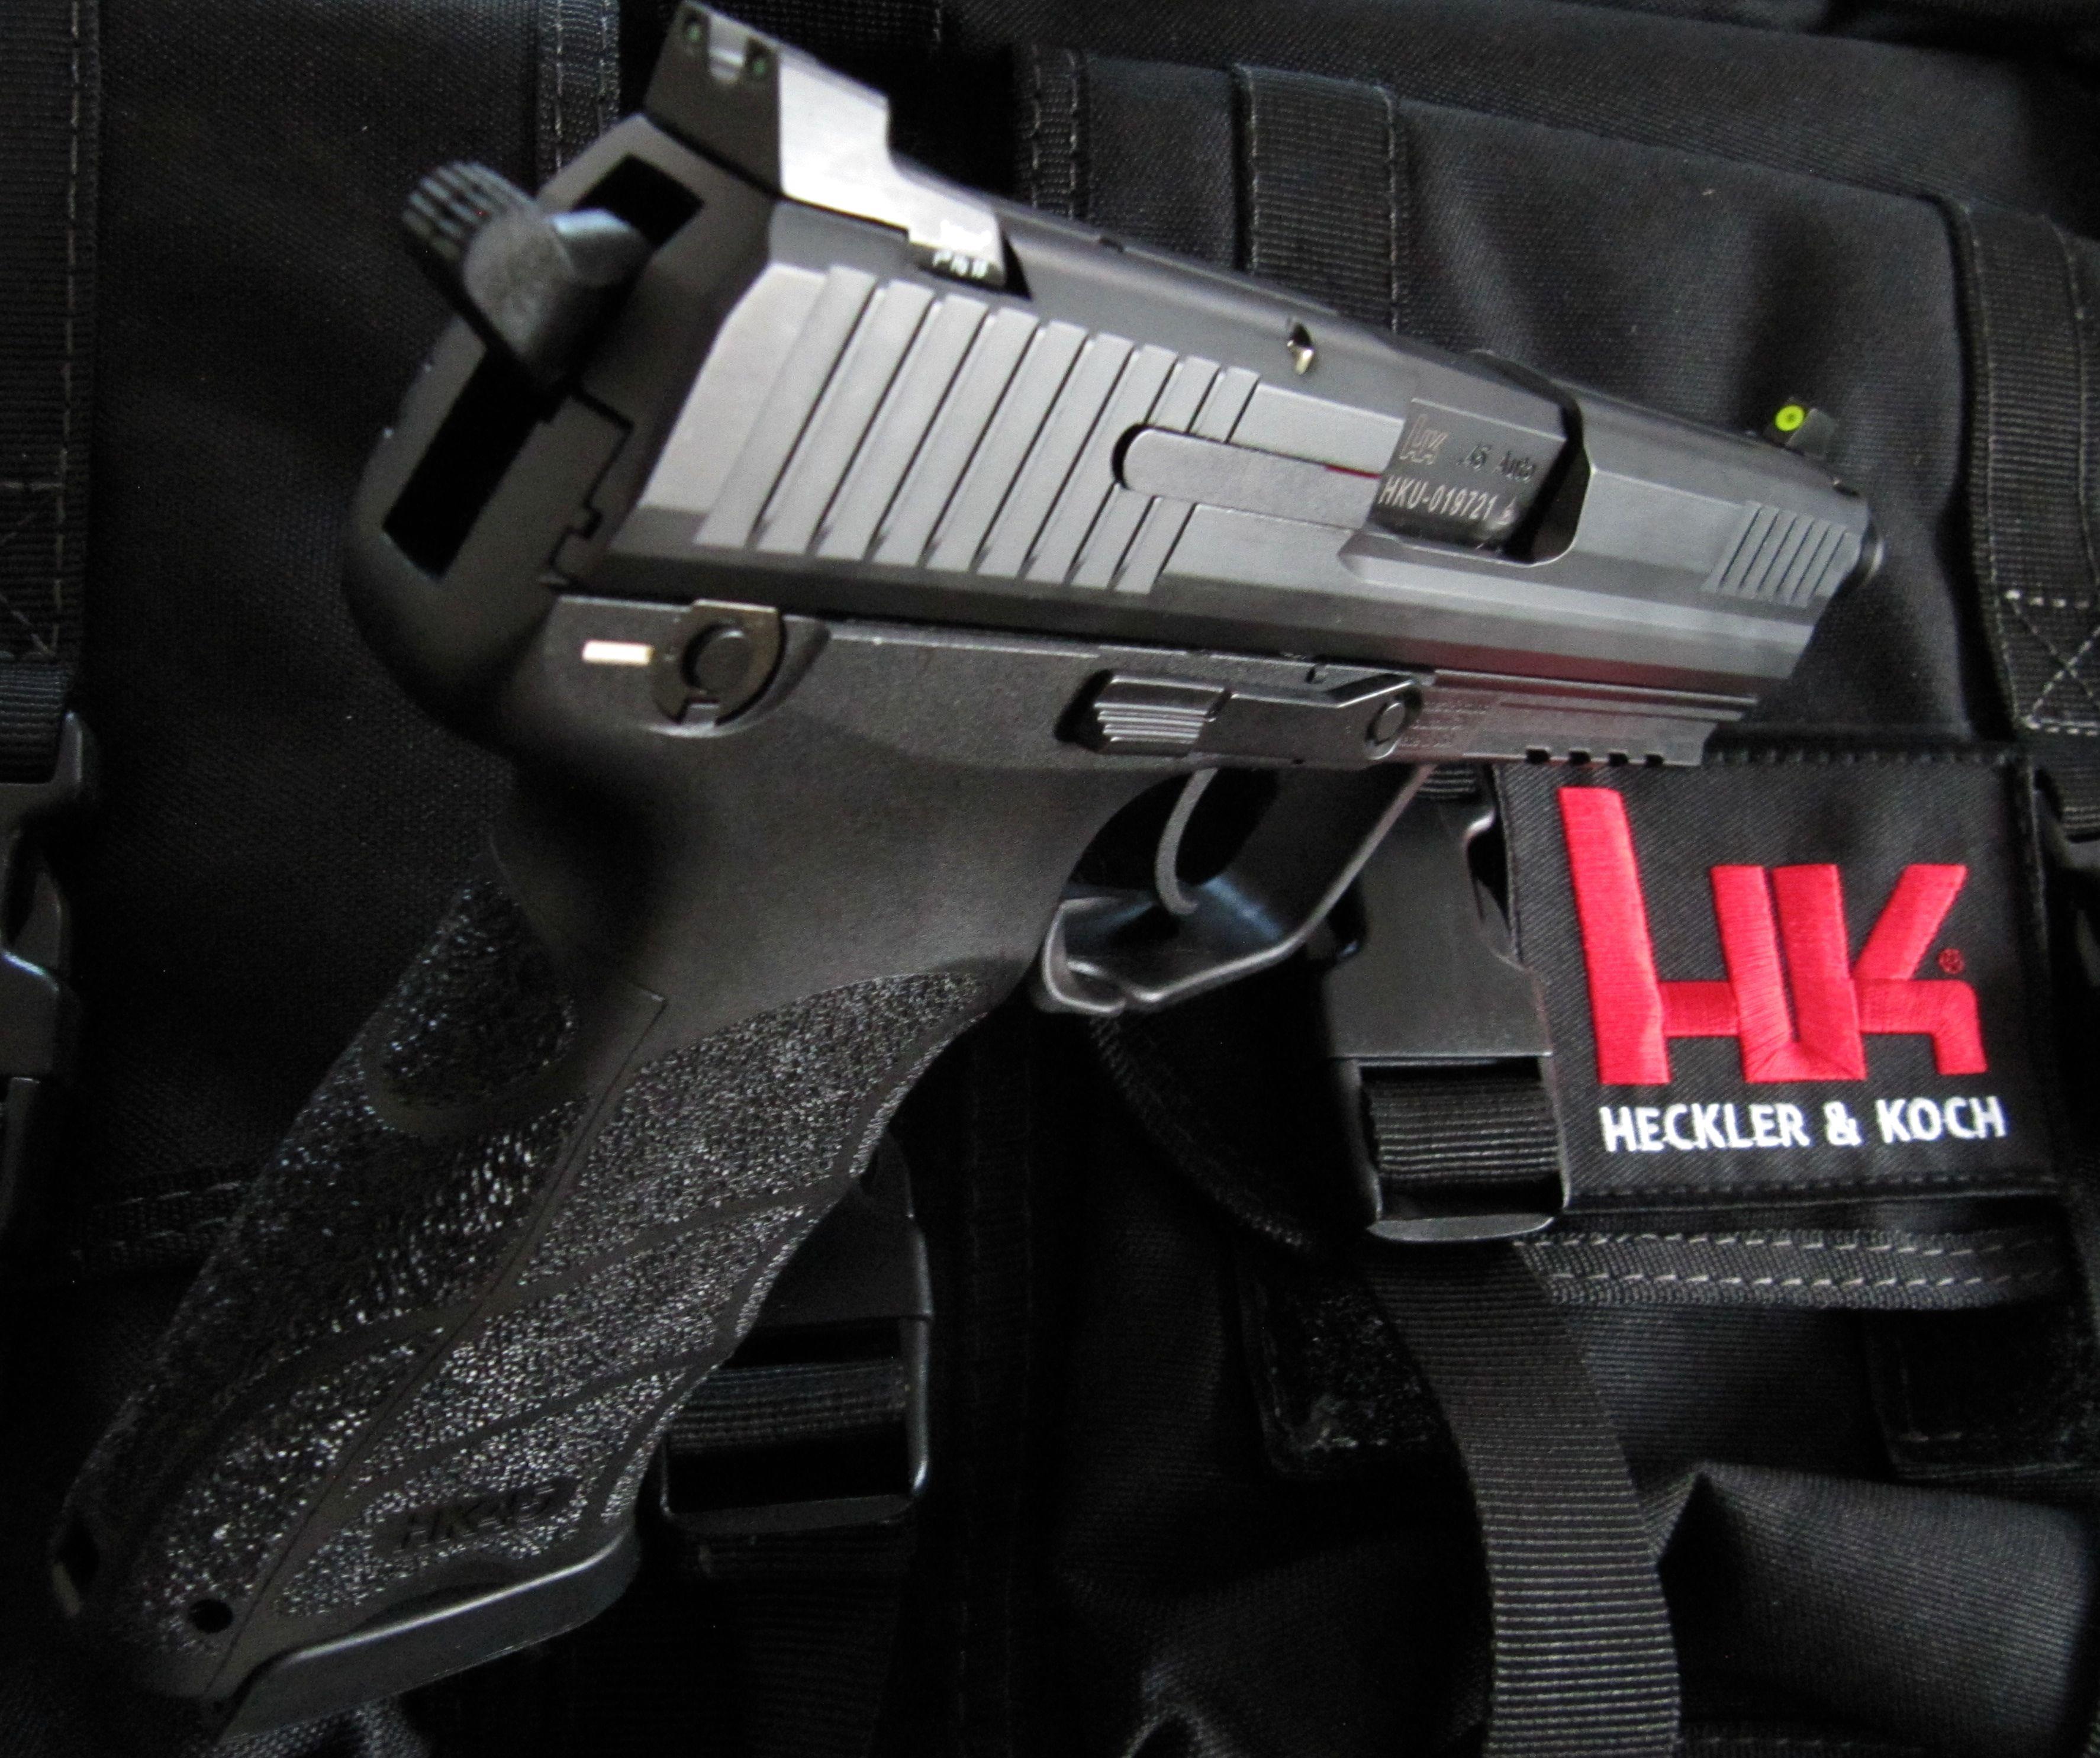 WTS: Trijicon HD Sight Sets for Heckler & Koch Pistols-img_2961.jpg